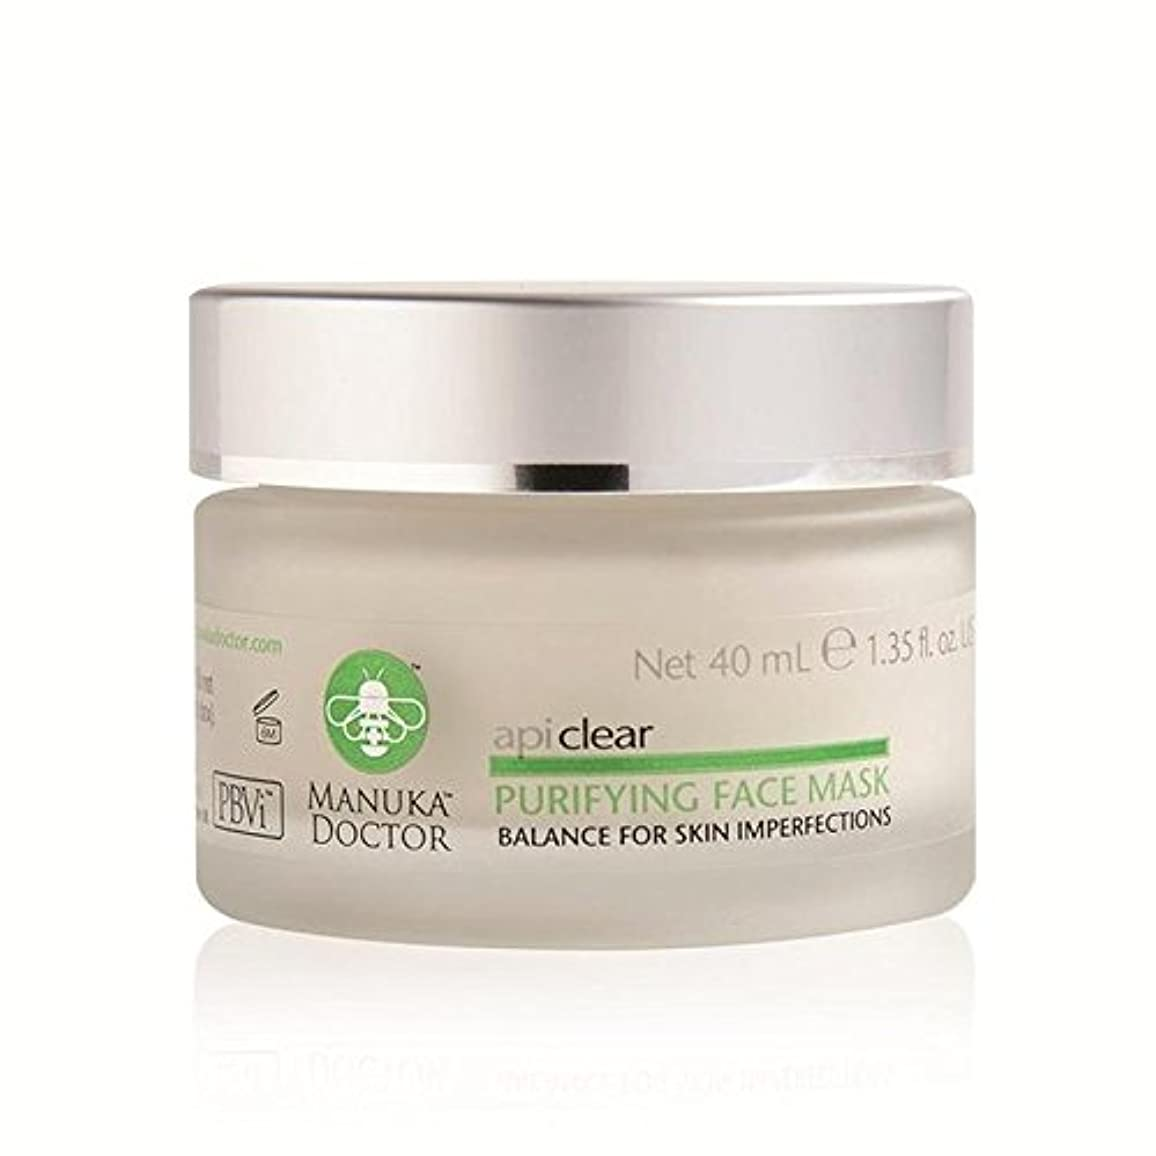 シュガー下るバイパスManuka Doctor Api Clear Purifying Face Mask 40ml - マヌカドクター明確な浄化フェイスマスク40ミリリットル [並行輸入品]